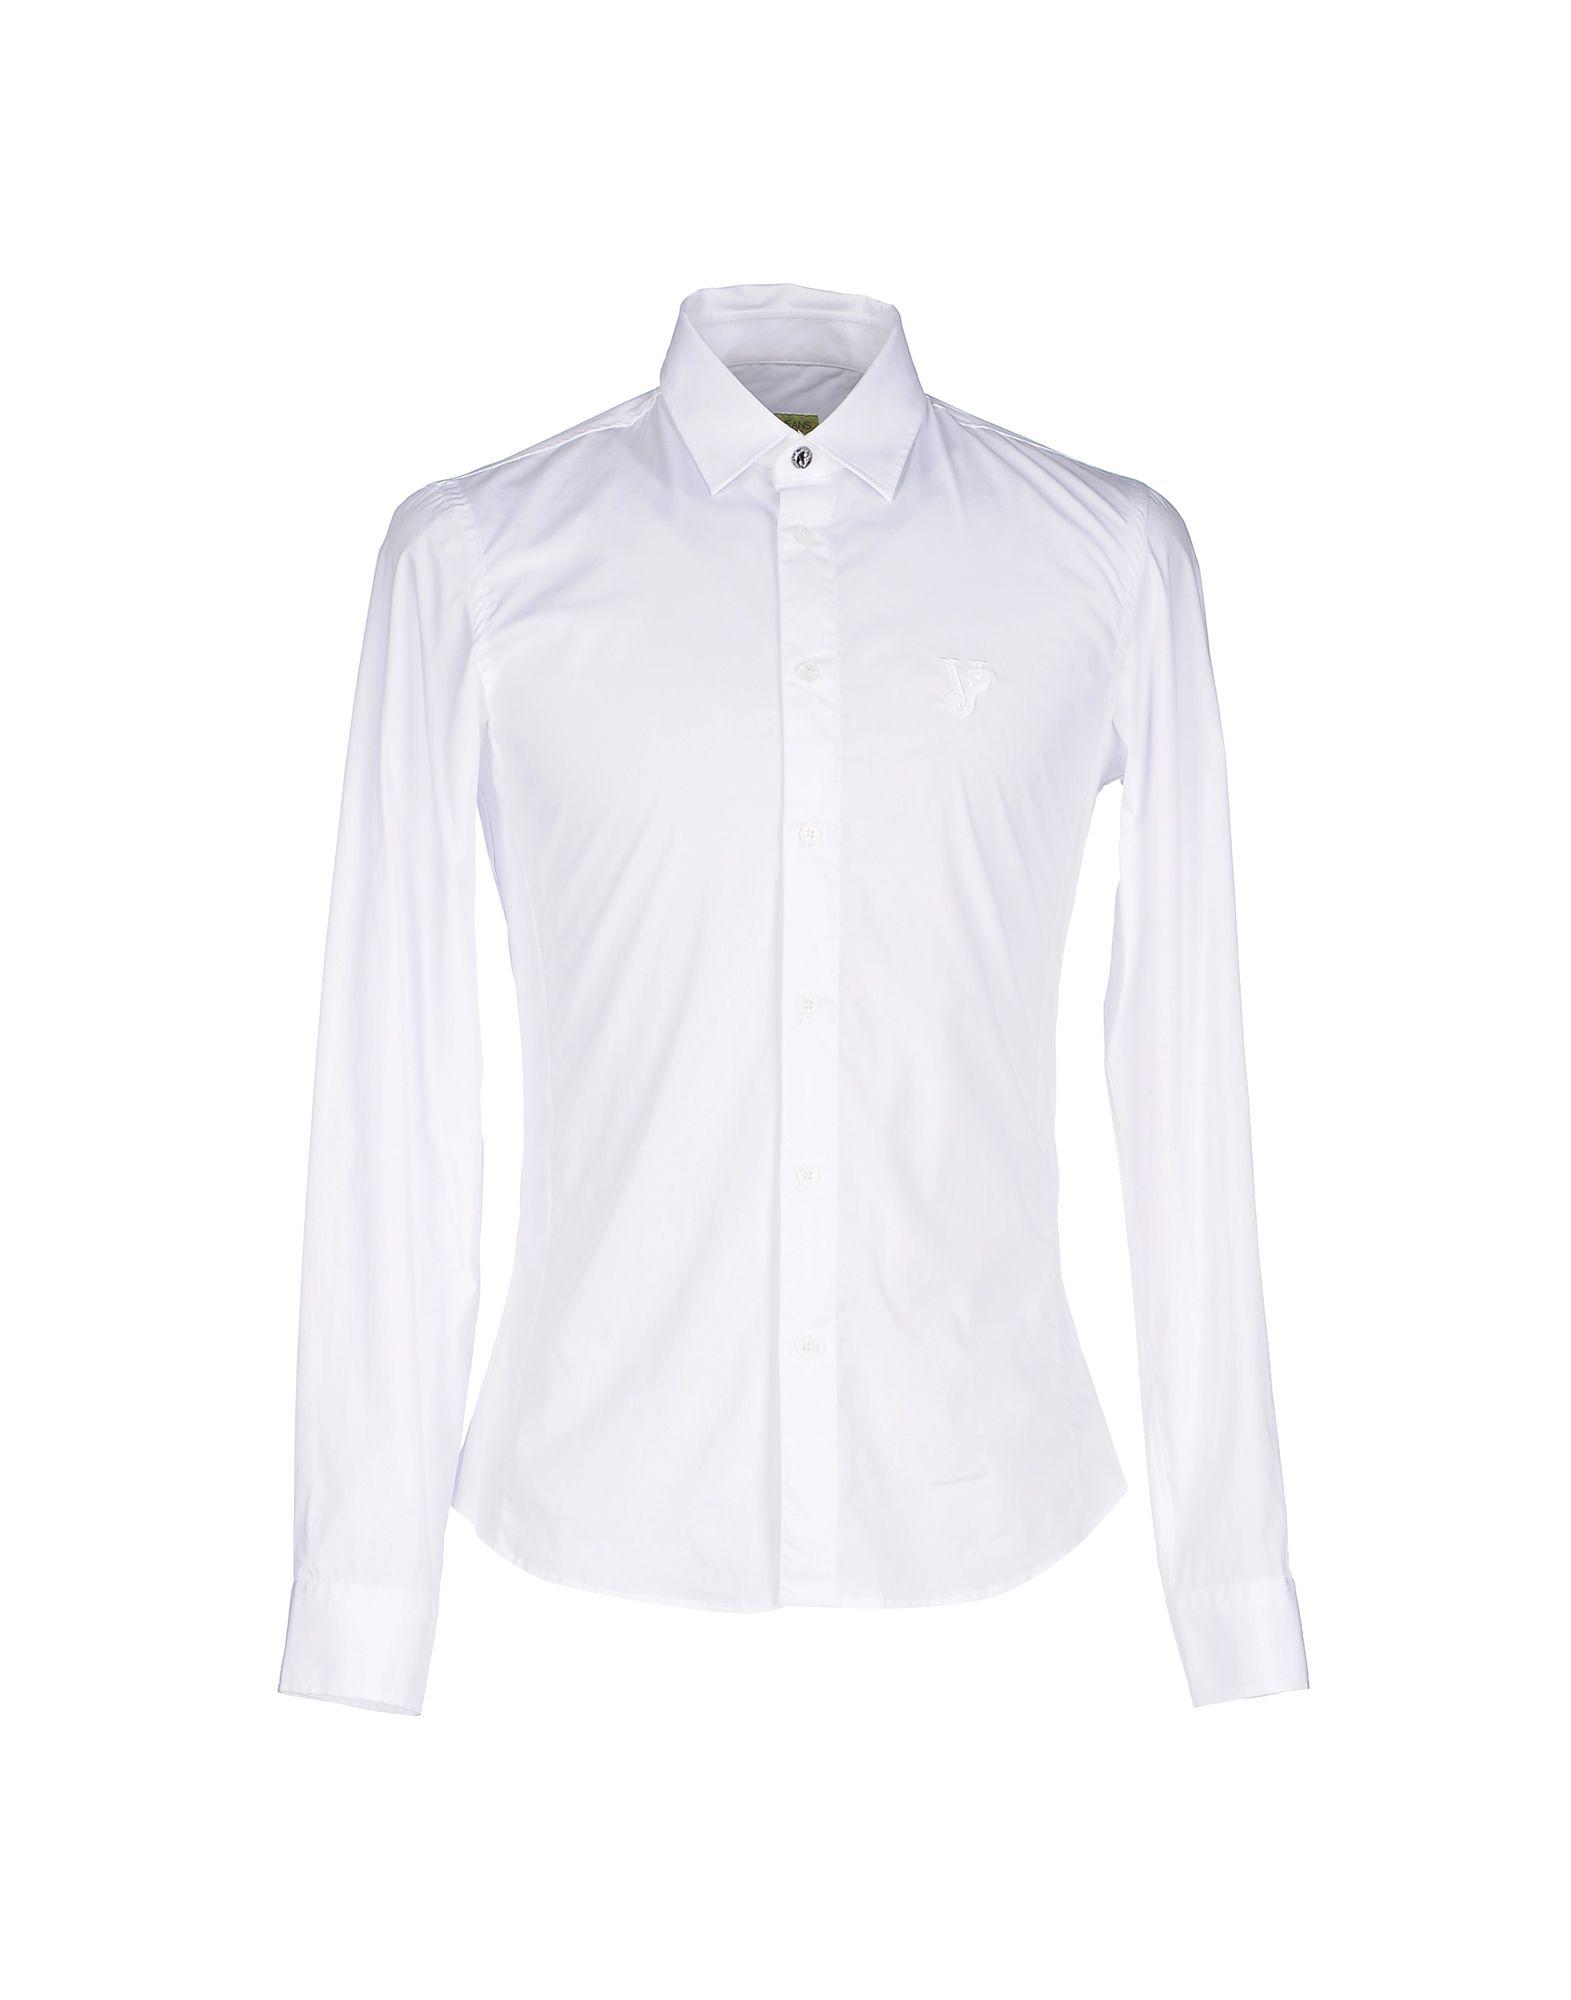 VERSACE JEANS Herren Hemd Farbe Weiß Größe 3